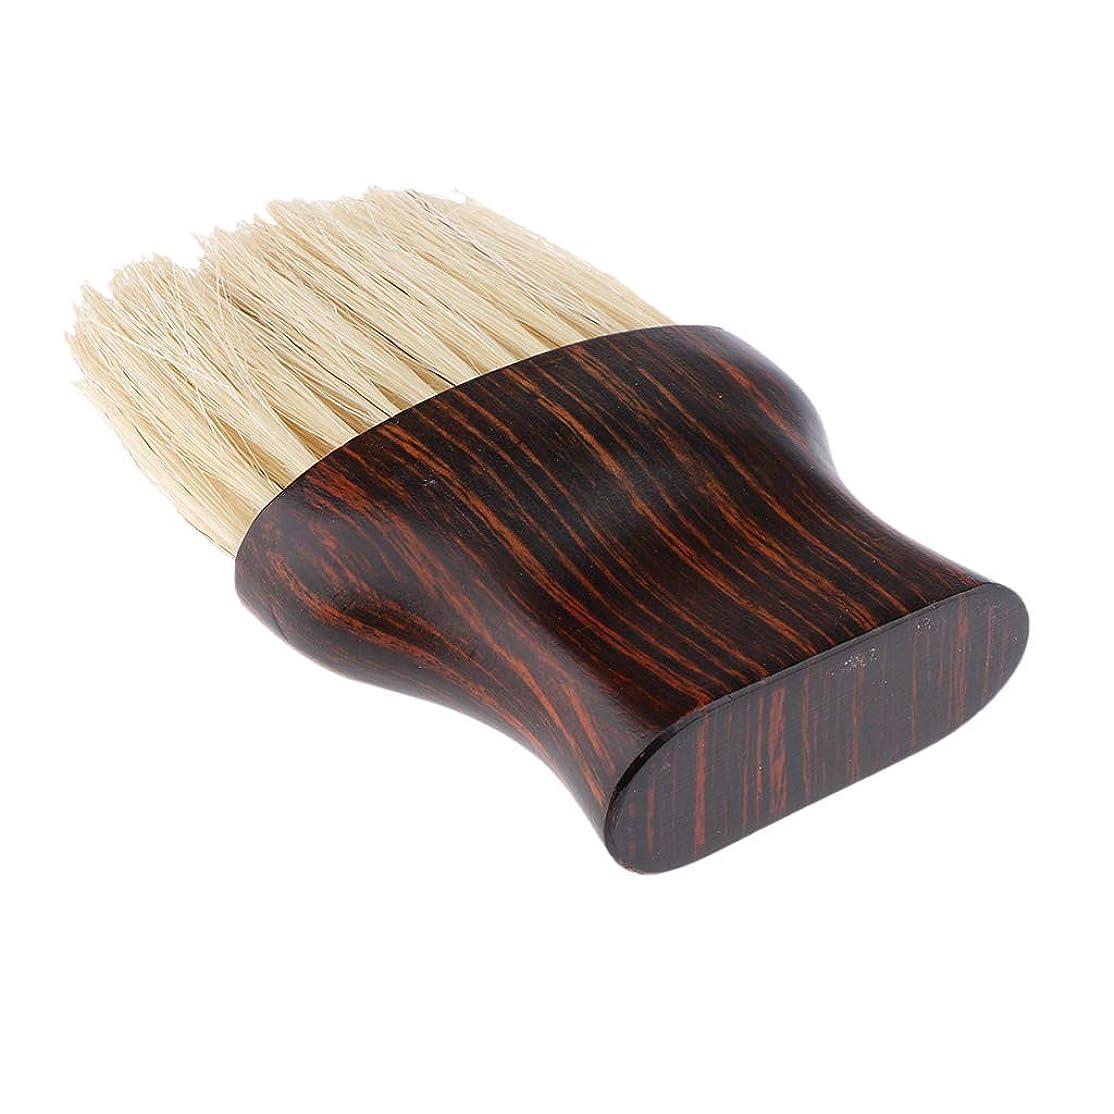 キャプテンブライマークダウンイーウェルSM SunniMix 毛払いブラシ ヘアブラシ 繊維毛 散髪 髪切り 散髪用ツール 床屋 理髪店 美容院 ソフトブラシ